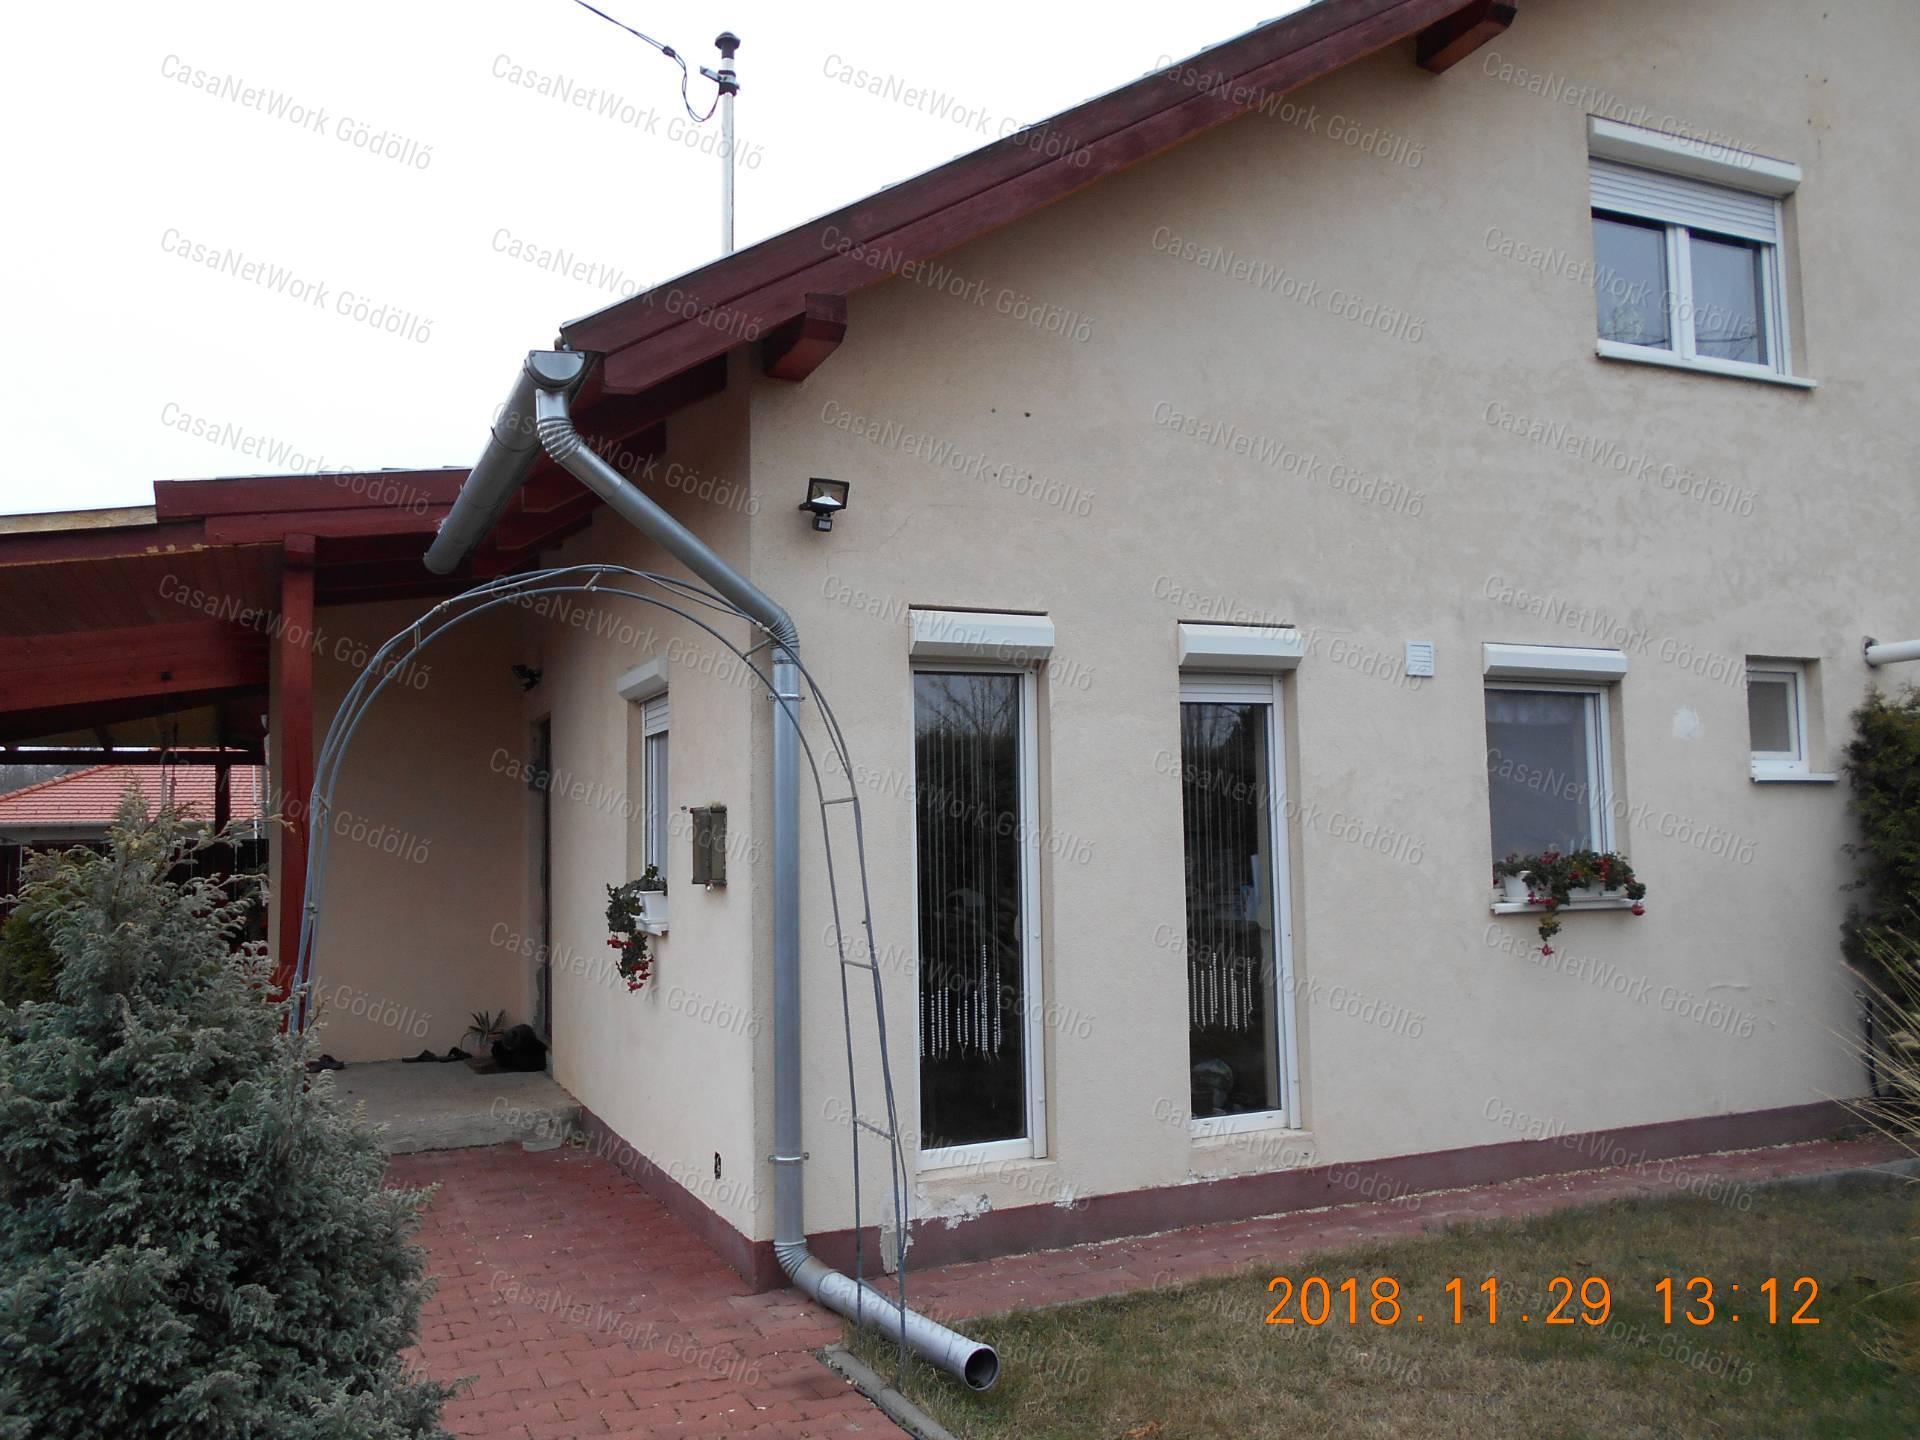 Eladó ikerházrész, Pest megye, Isaszeg - sz.: 166400510 - CasaNetWork.hu